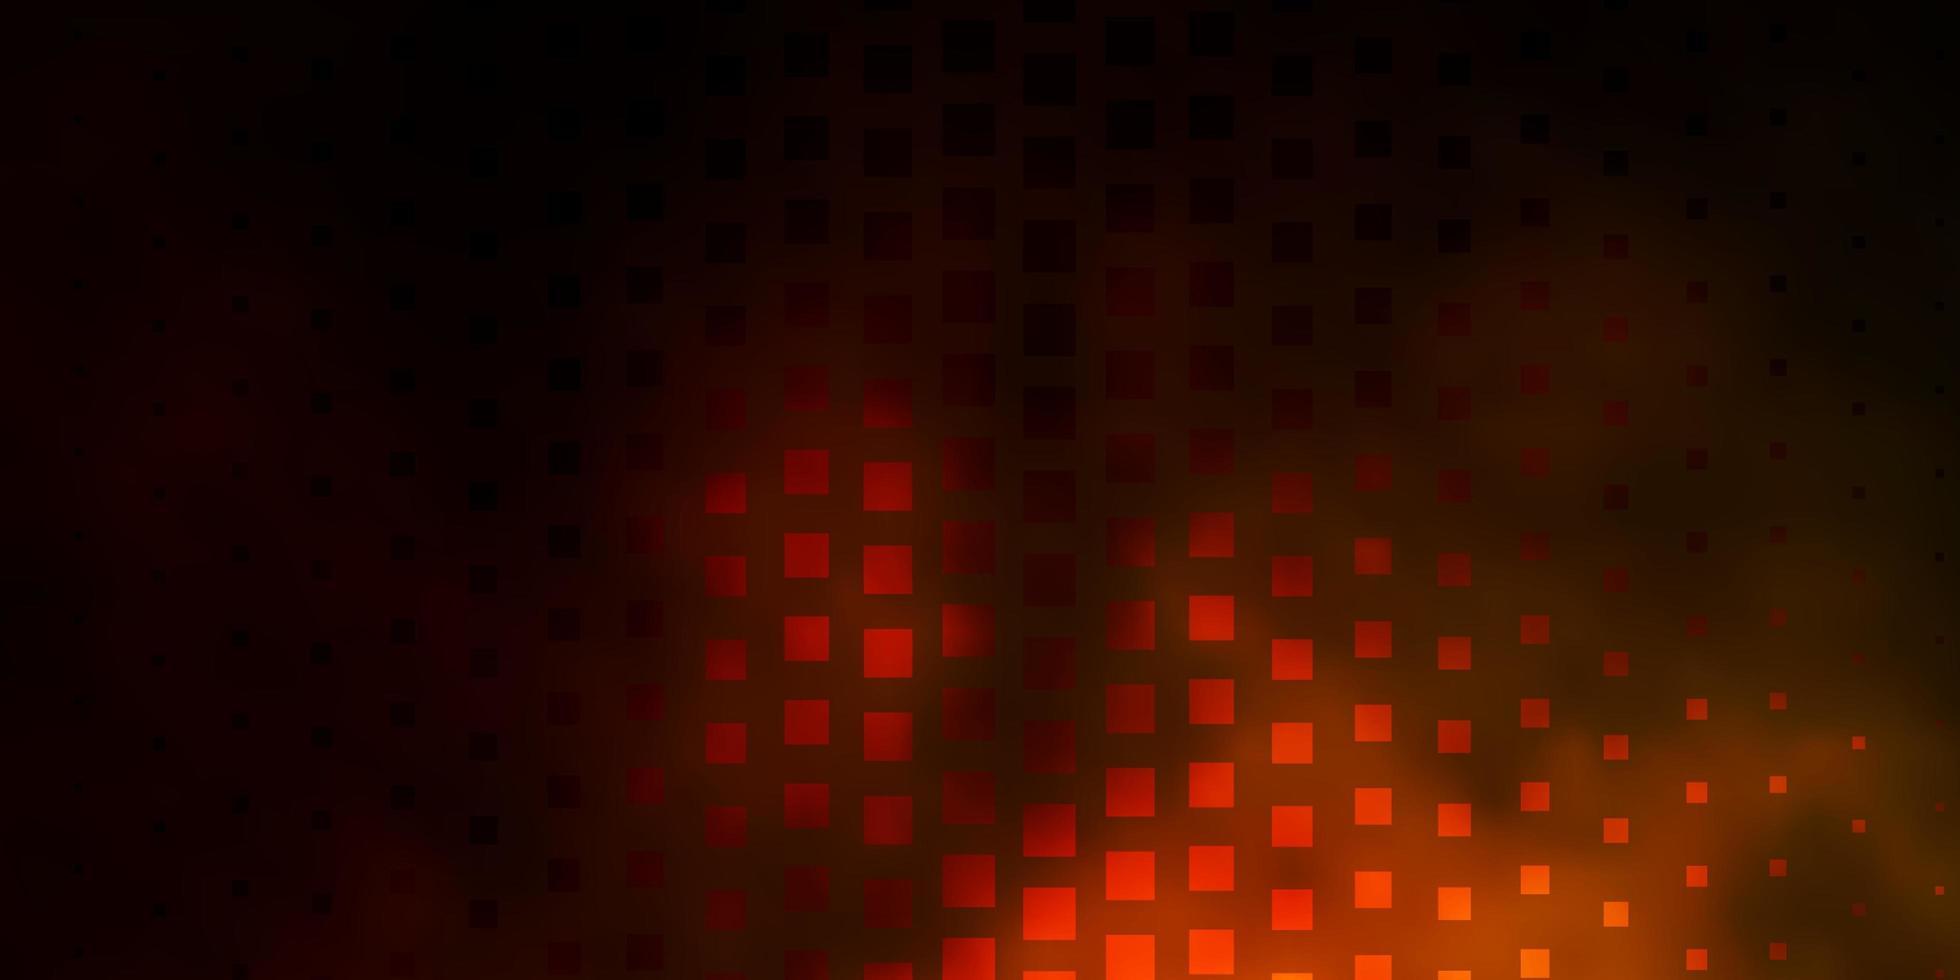 mörkrött och gult mönster i fyrkantig stil. vektor